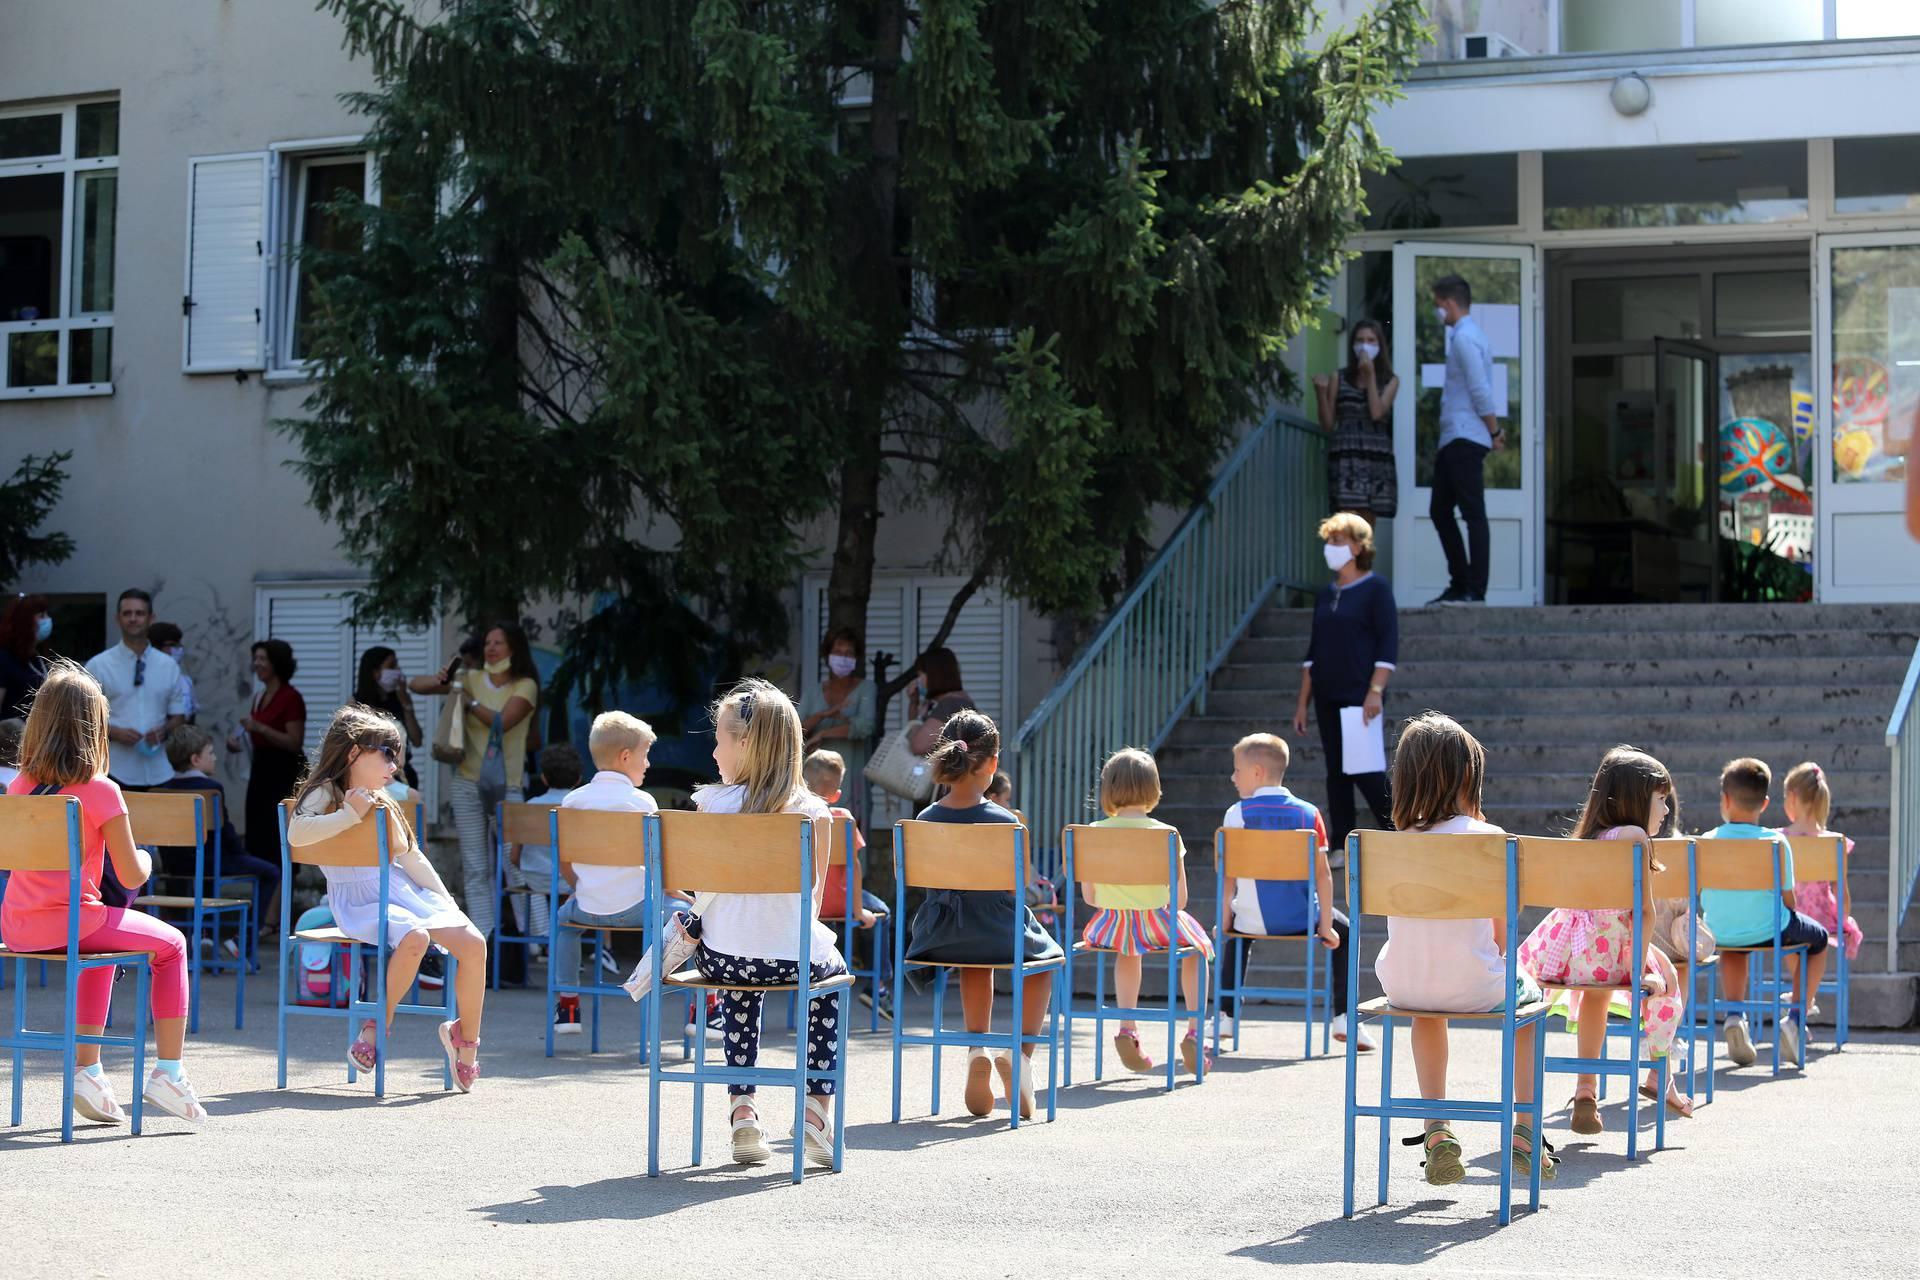 Prvog dana škole 210 djece ostalo kući jer su imali koronu...